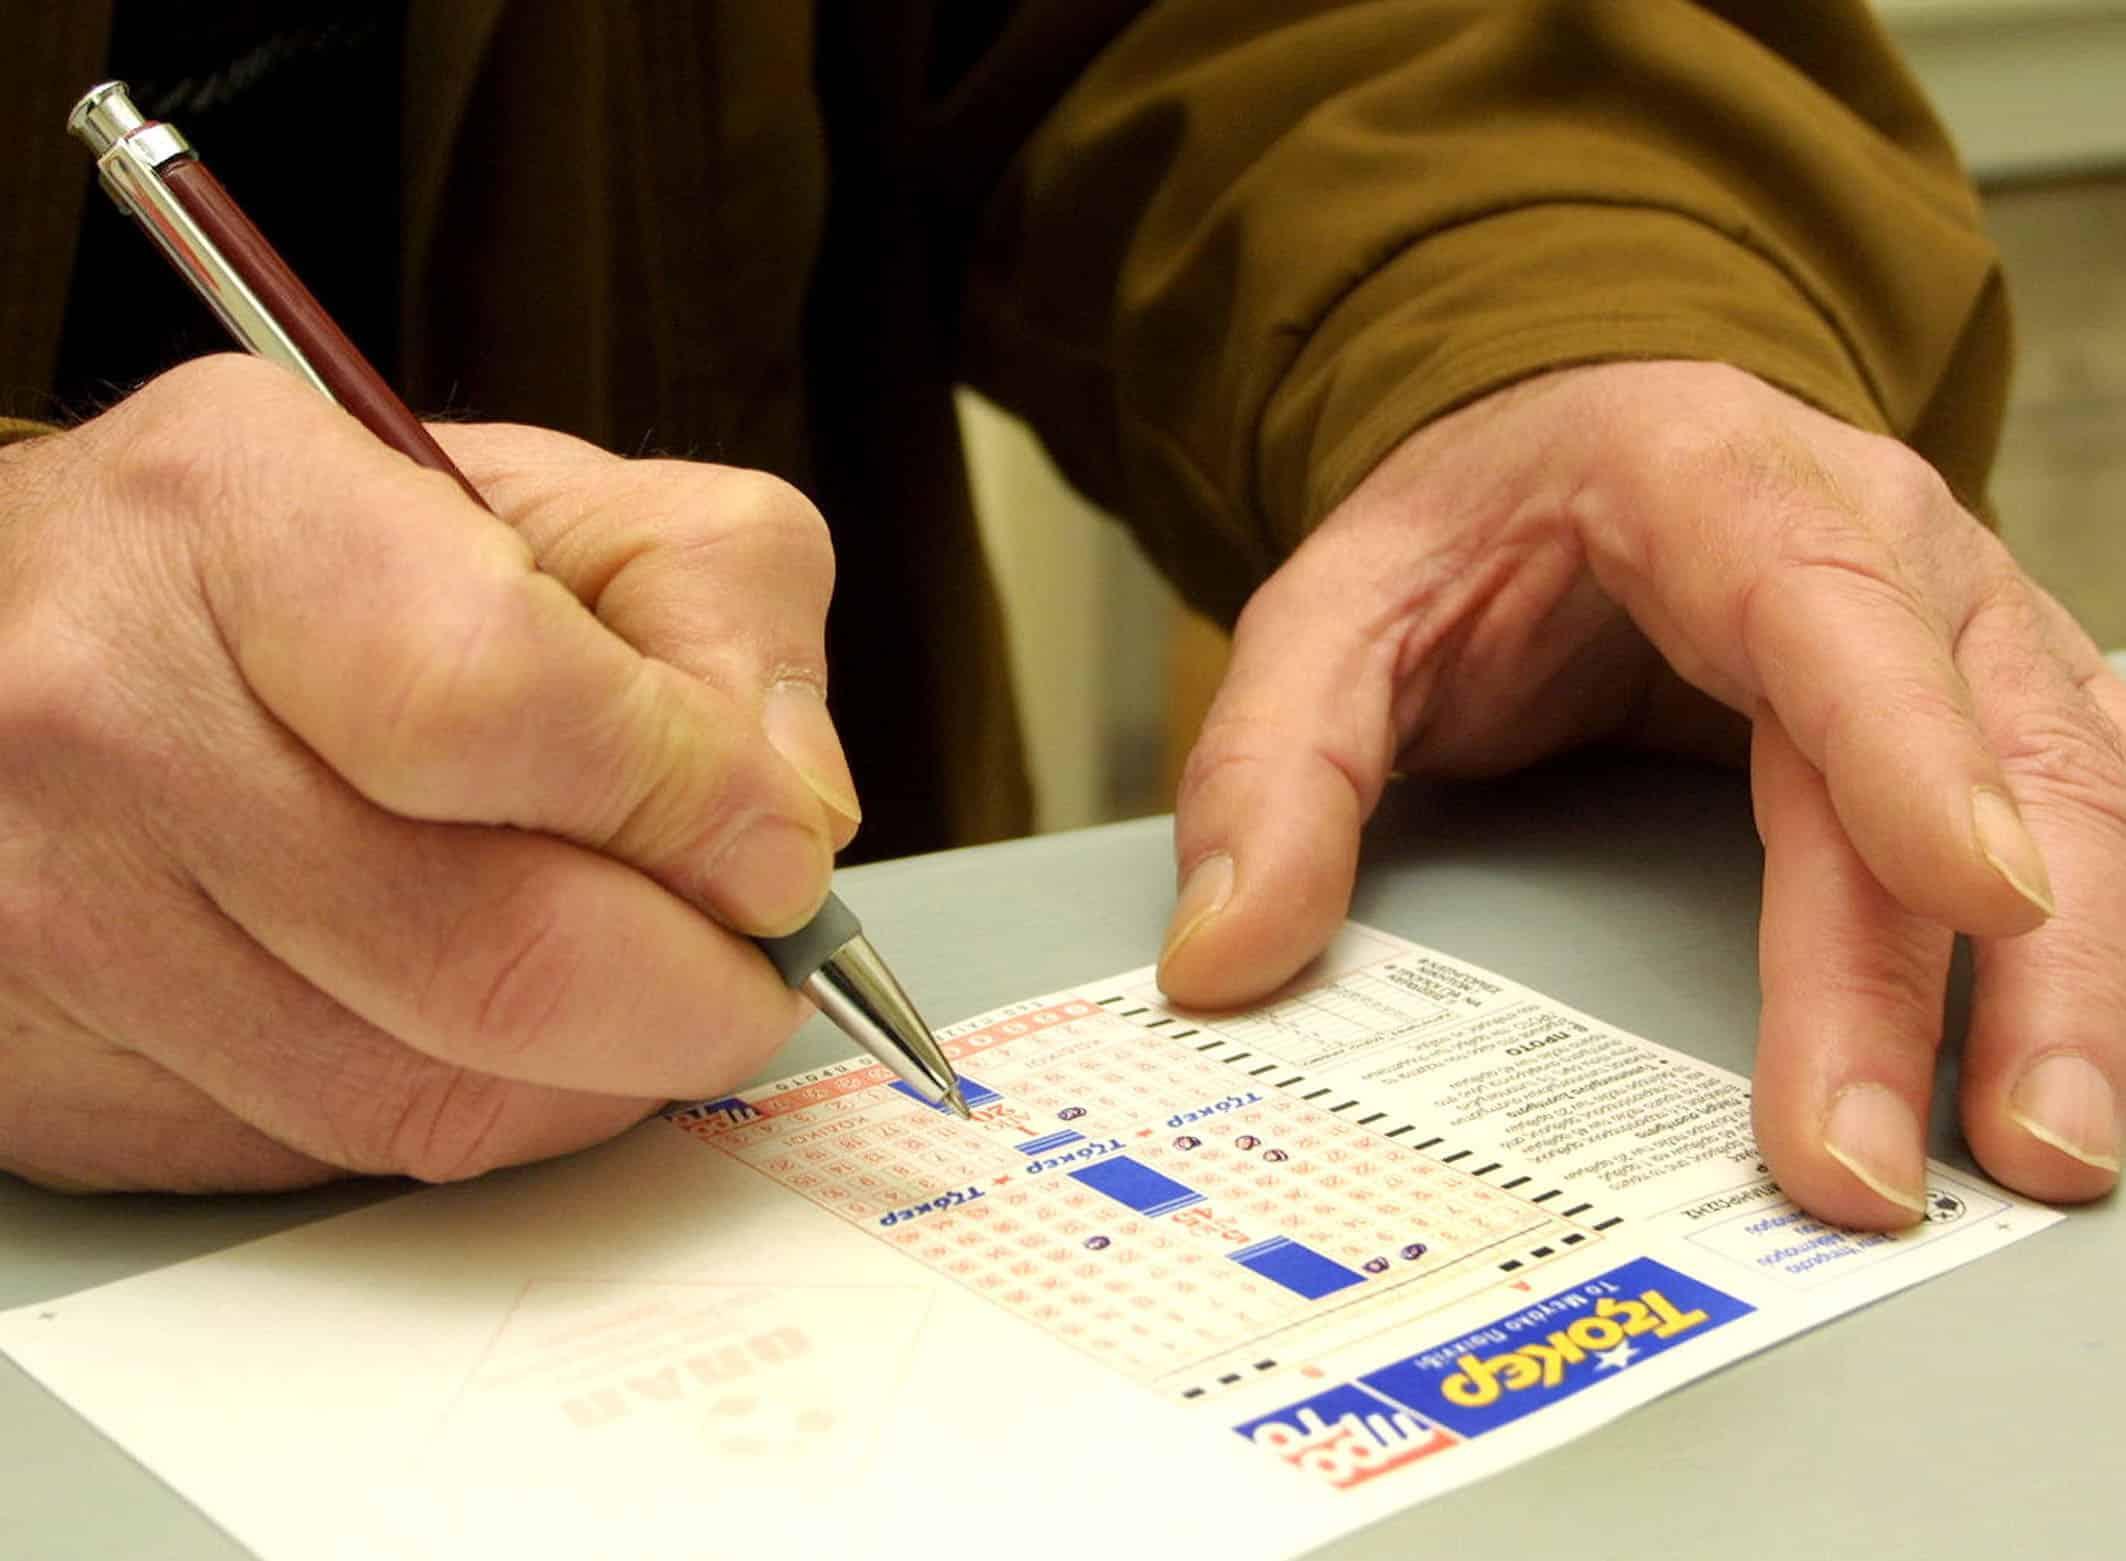 Τζόκερ κλήρωση σήμερα 2/1: Πανικός για τα χρυσά νούμερα Αριθμοί Joker Κλήρωση τζόκερ €1.300.000 δίνουν οι αριθμοί tzoker σήμερα 8/12